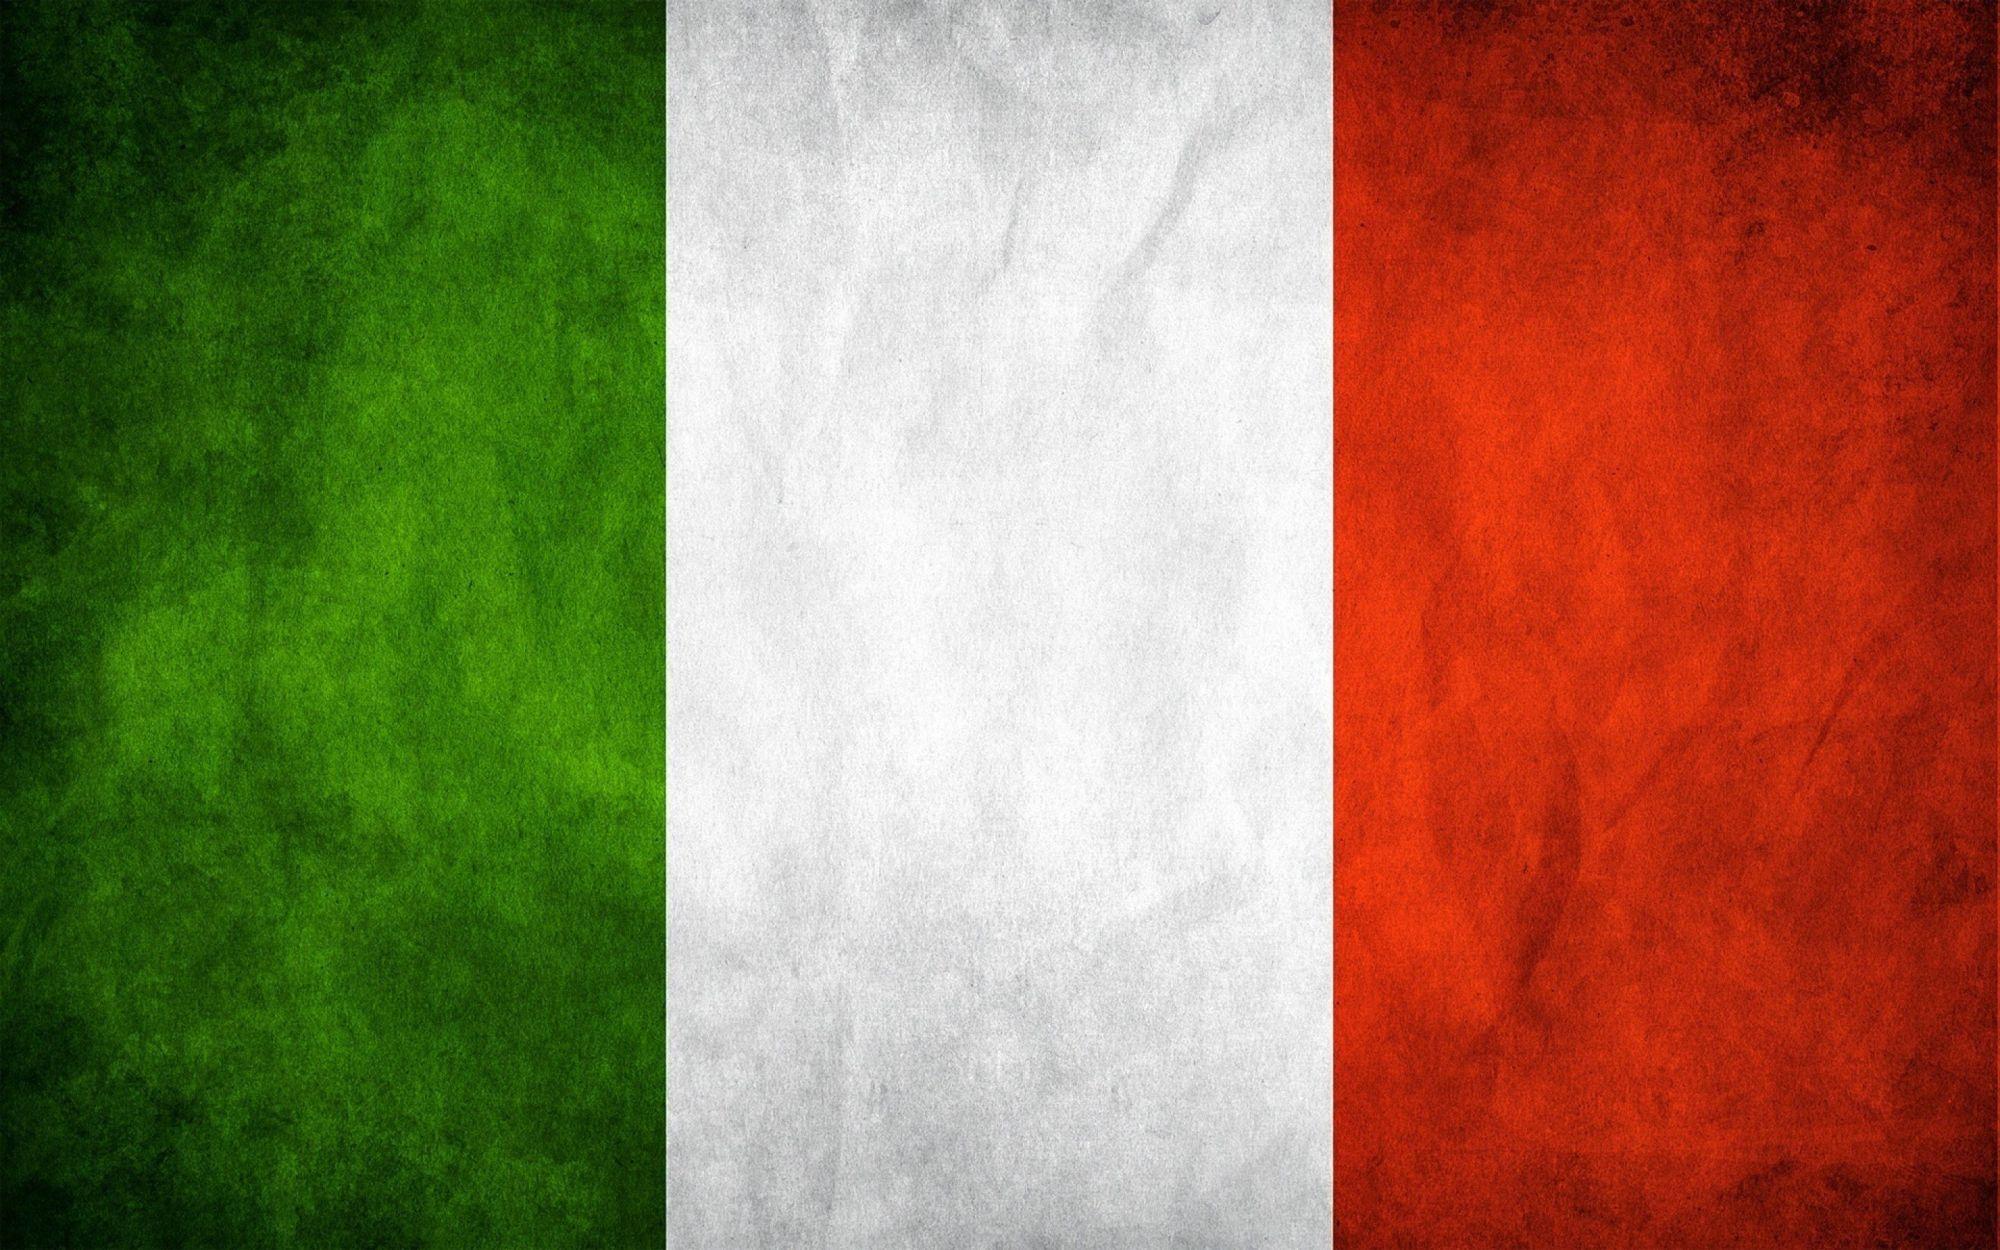 Итальянская IUGAS планирует начать экспорт газа из Украины в 2013 г.